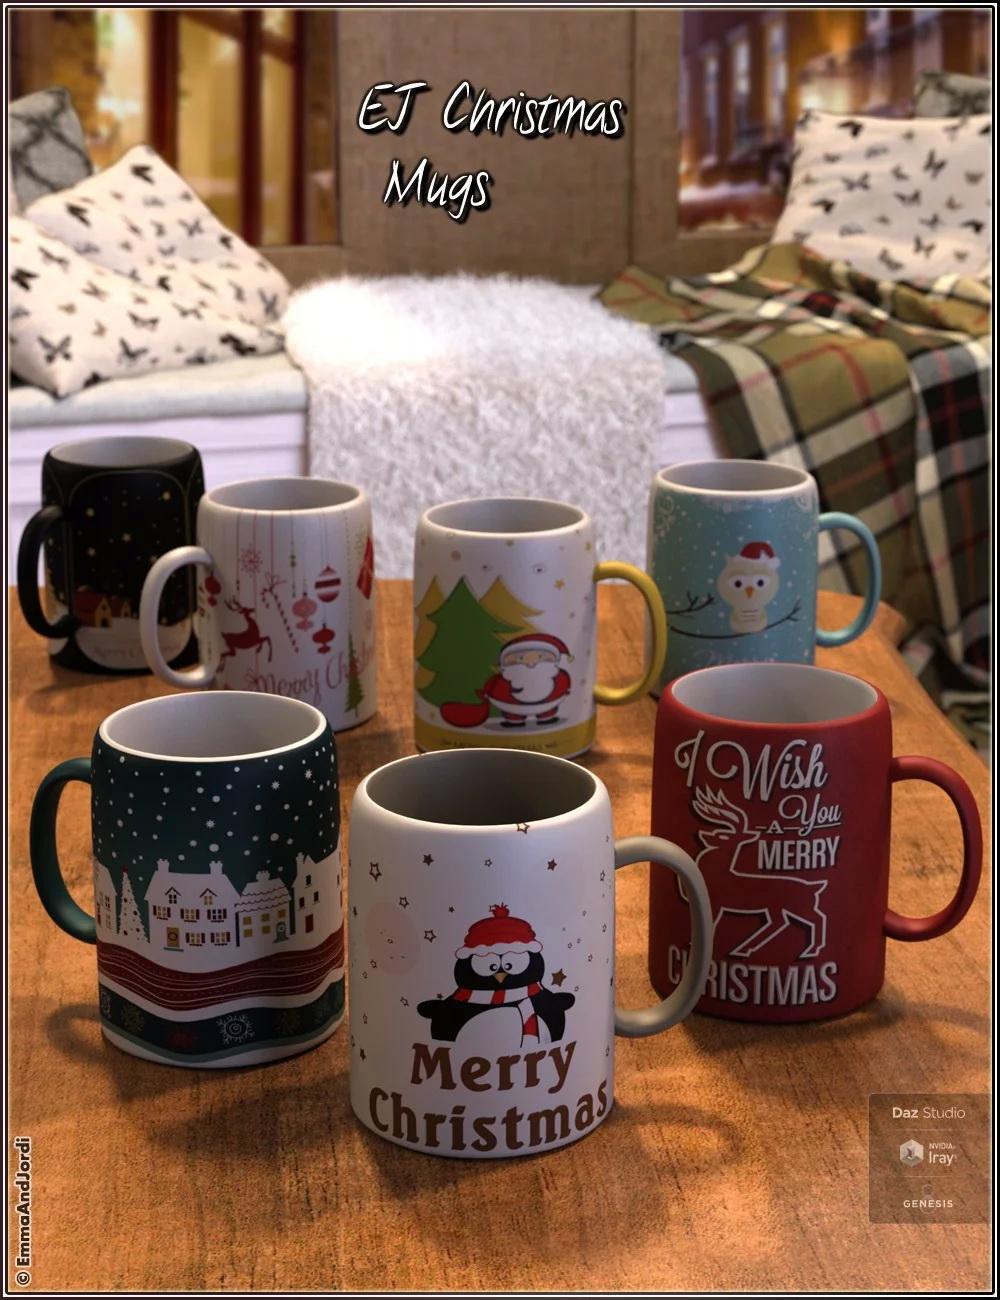 EJ Christmas Mugs